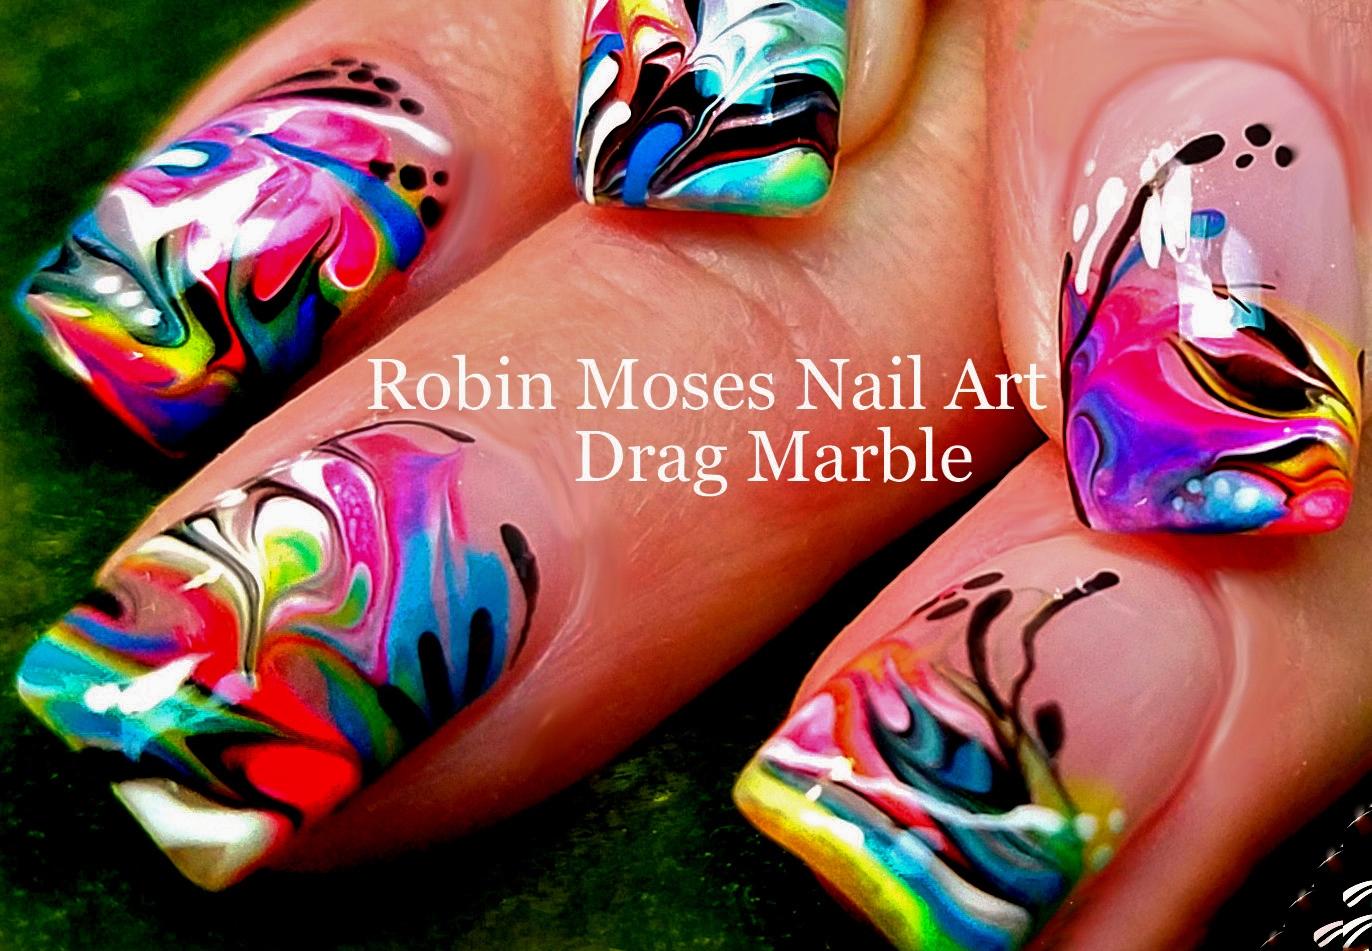 Robin moses nail art pink diva no water drag marble marbling nail art wizard phd prinsesfo Gallery